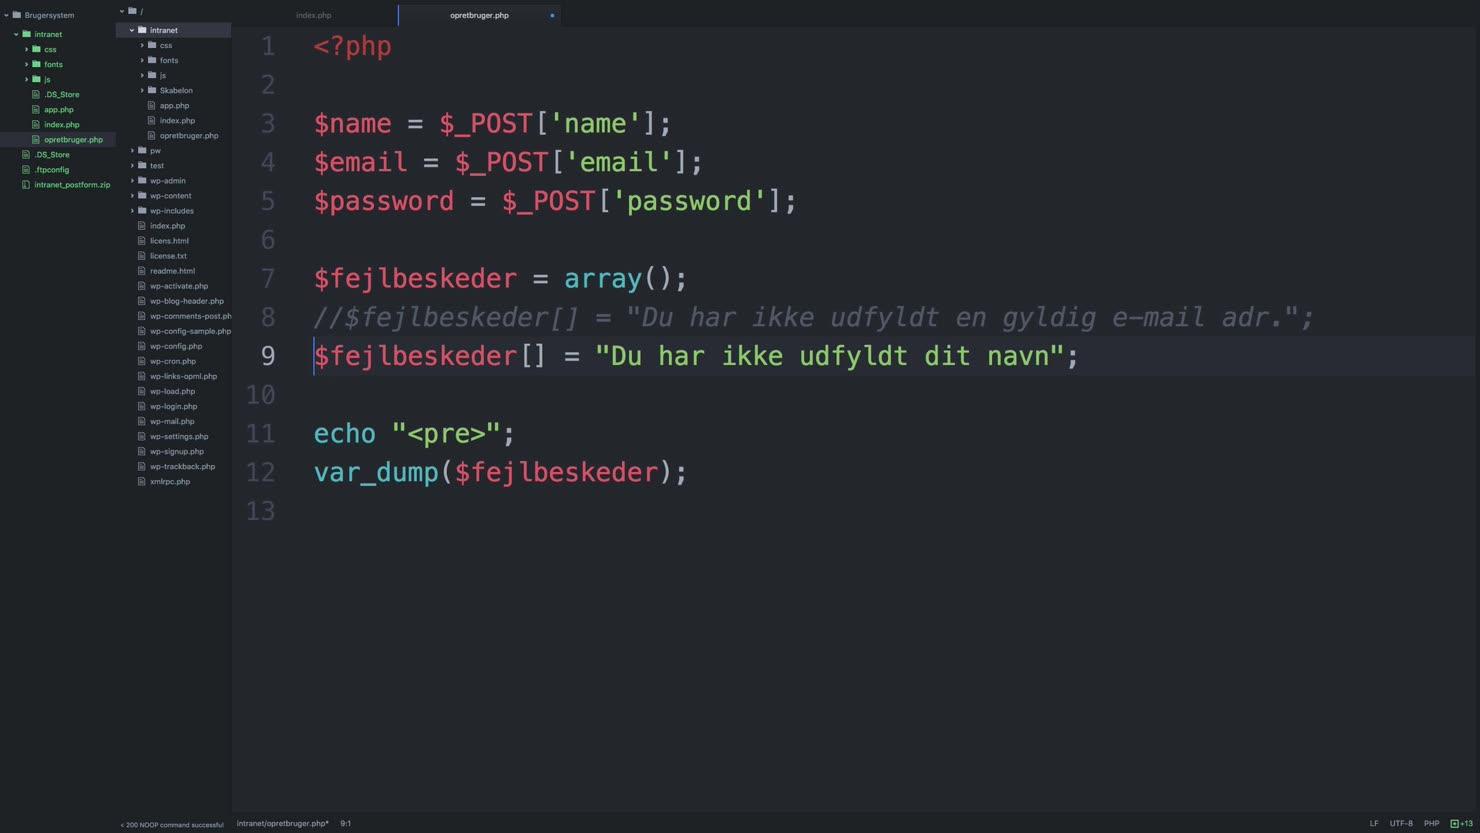 Opbygning af fejlhåndterings-system med et array i PHP